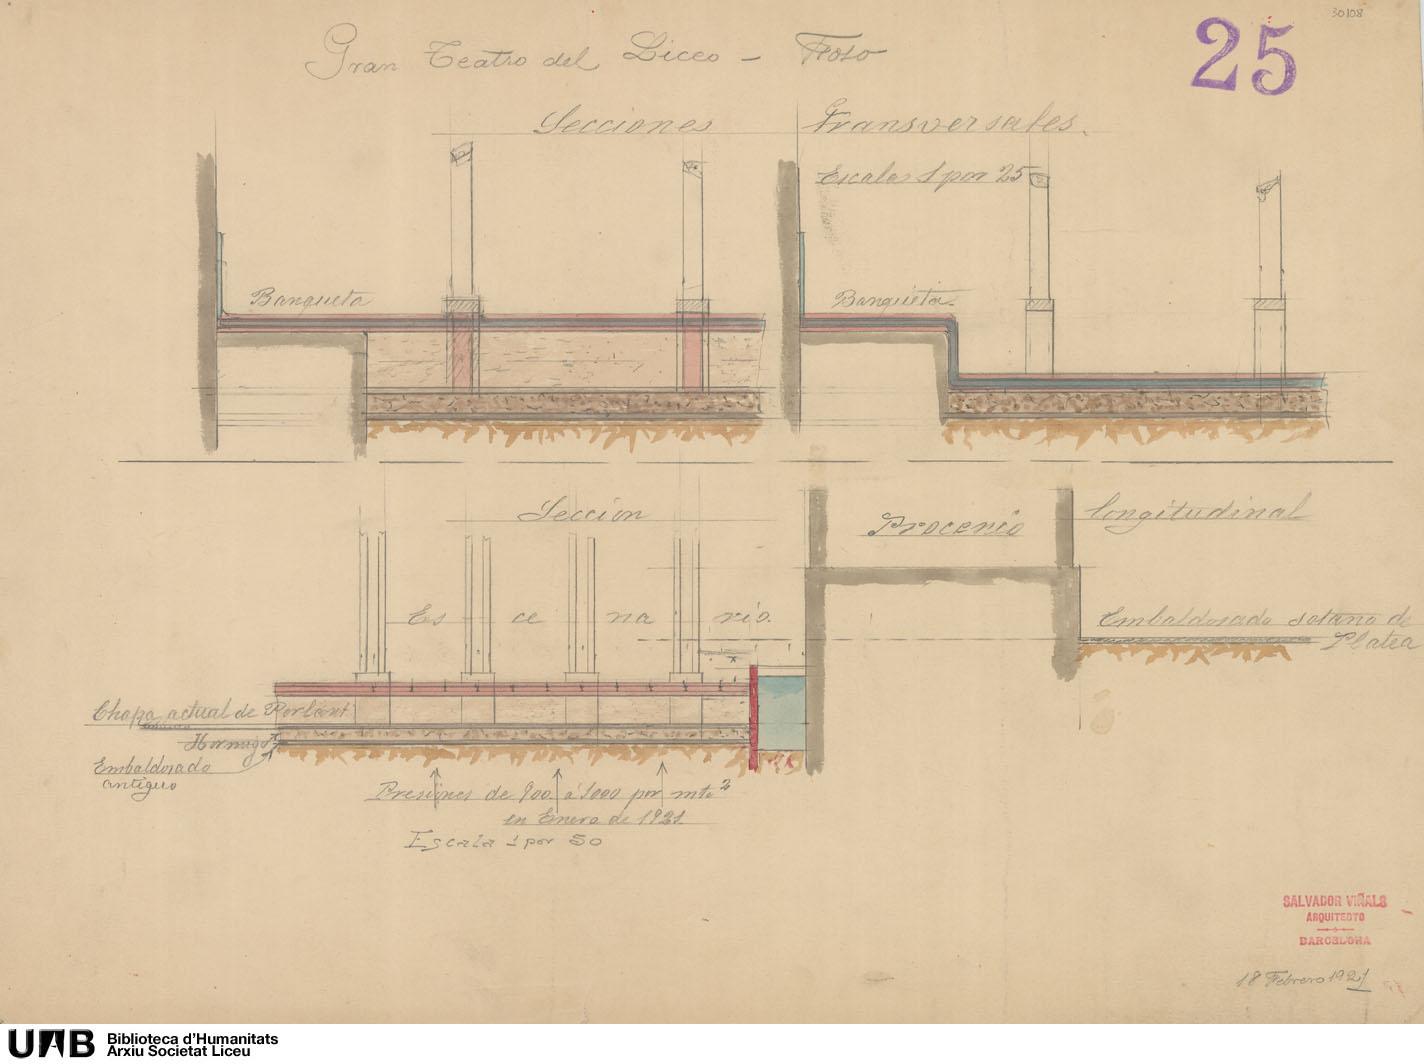 Plano del sótano con estudio de las presiones de agua